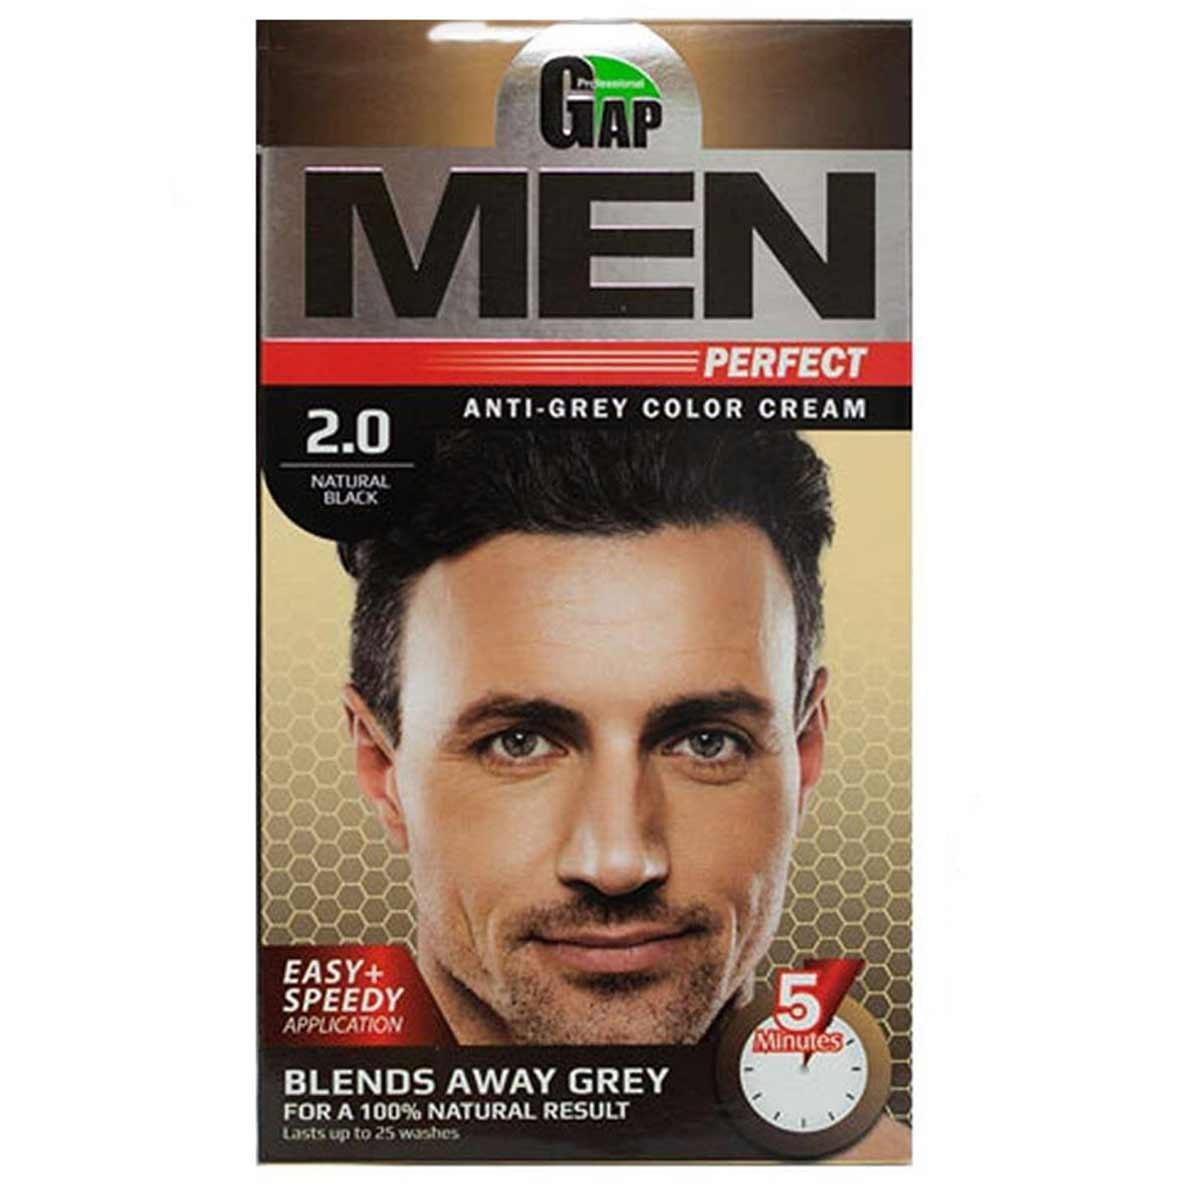 تصویر کیت رنگ مو مردانه گپ مدل Men Perfect شماره 2.0 مشکی طبیعی